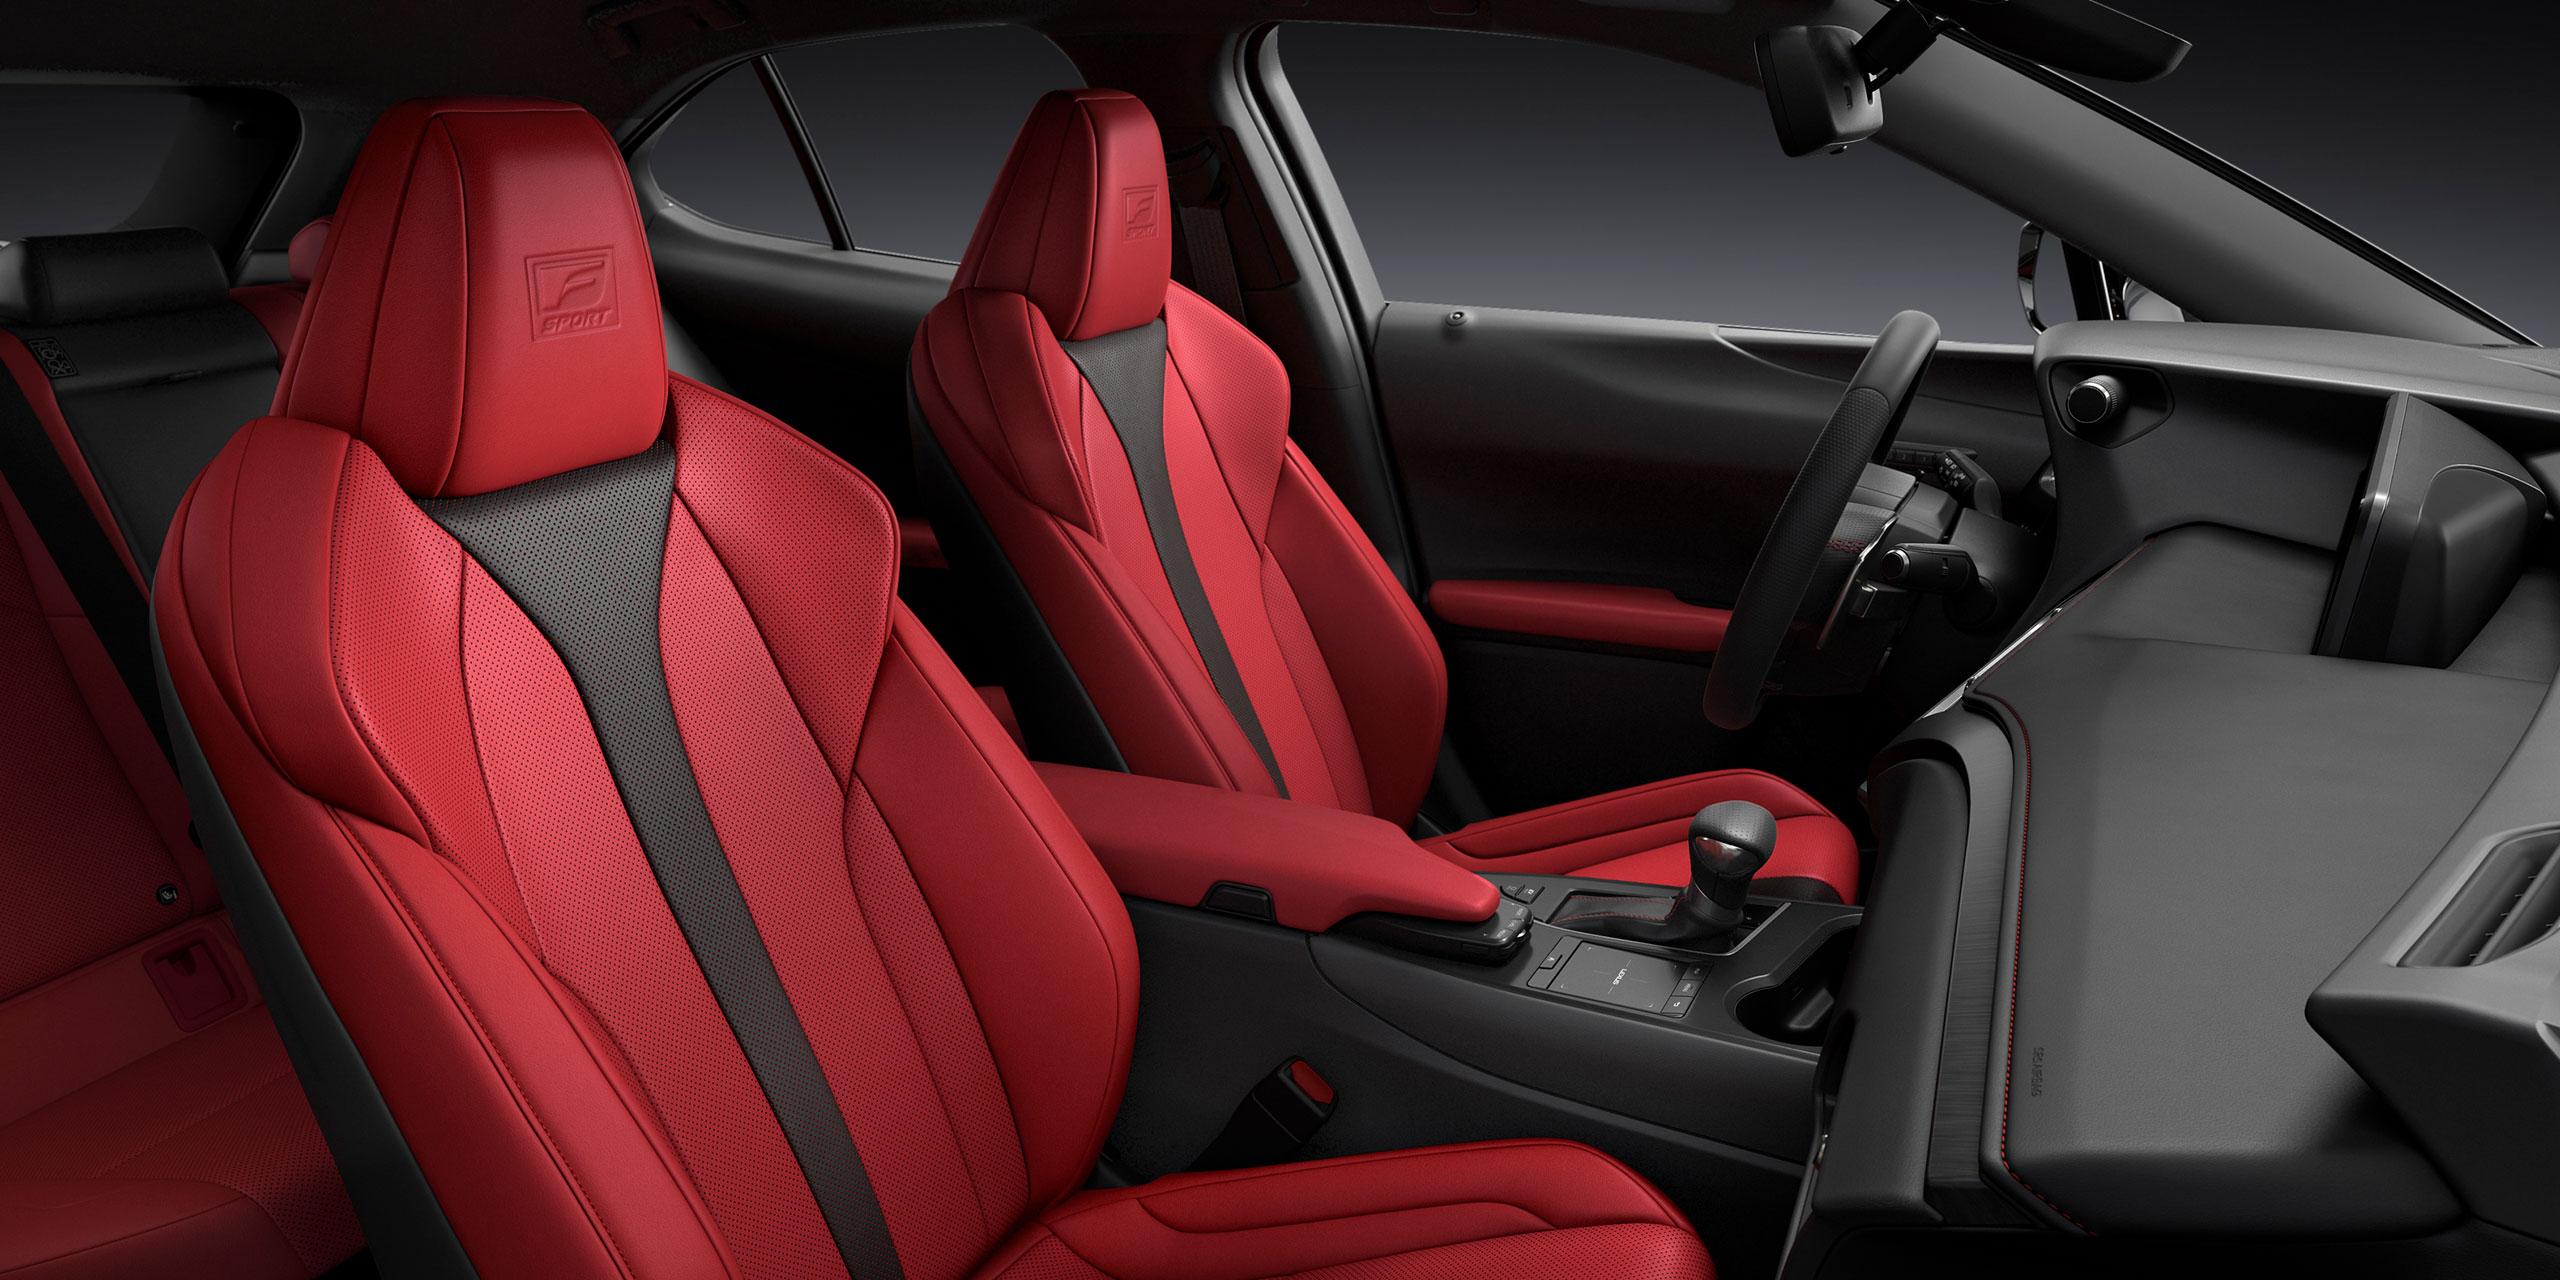 2018 - [Lexus] UX - Page 2 18-03-06-gallery-lexus-ux-reveal-48